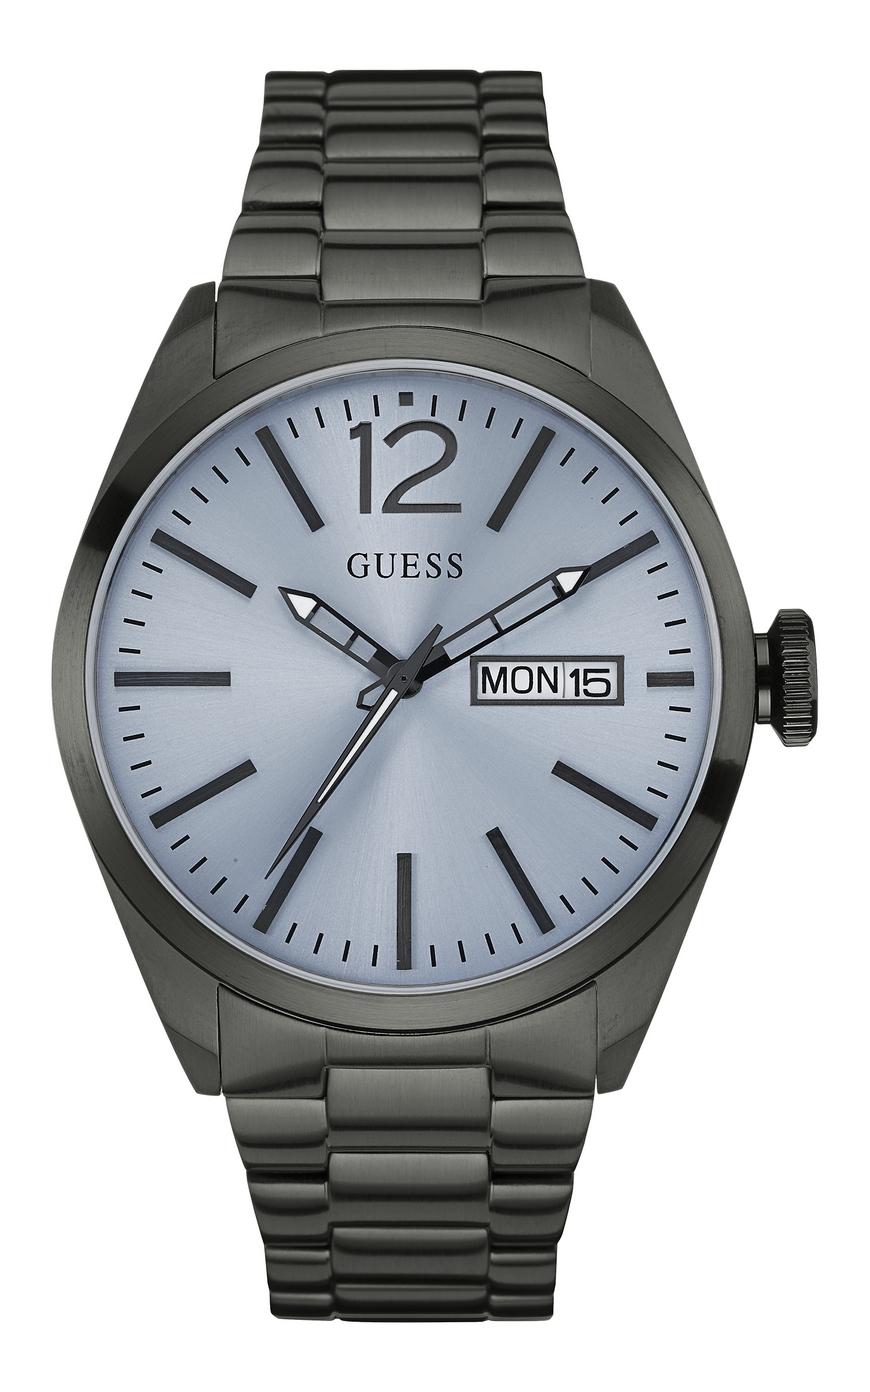 Guess-Watches-Vertigo-W0657G1-euro-euro-199